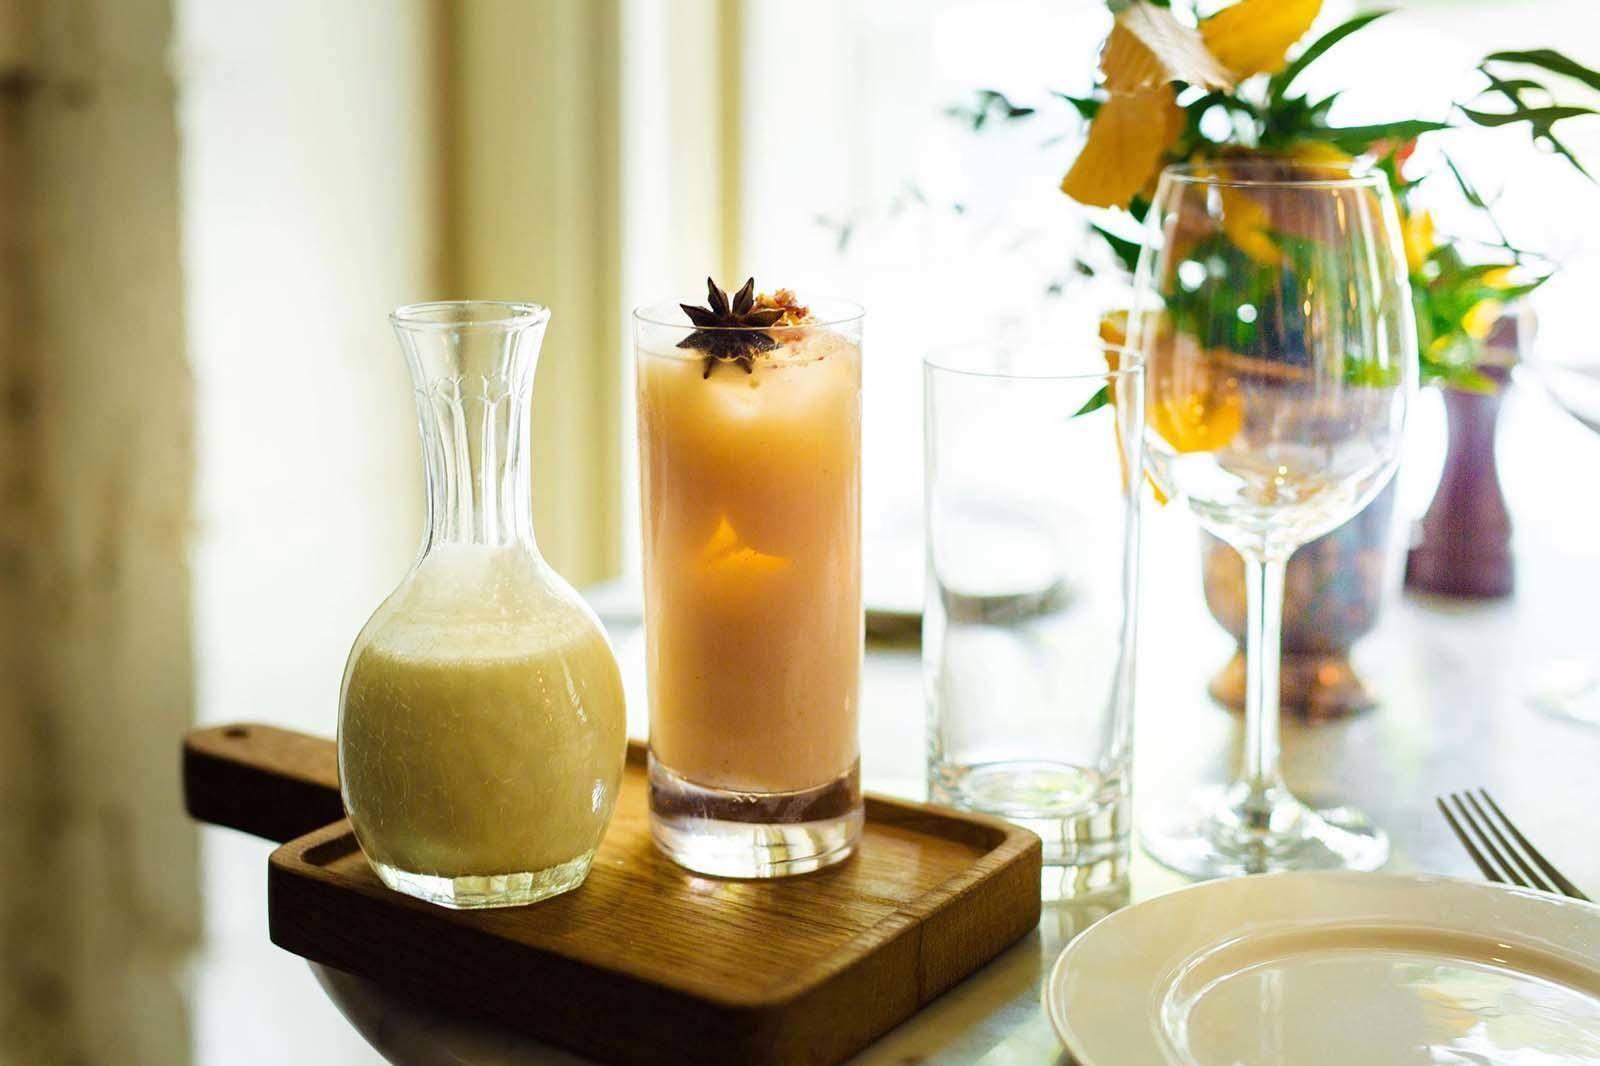 Коктейли с ромом - рецепты приготовления в домашних условиях с фото